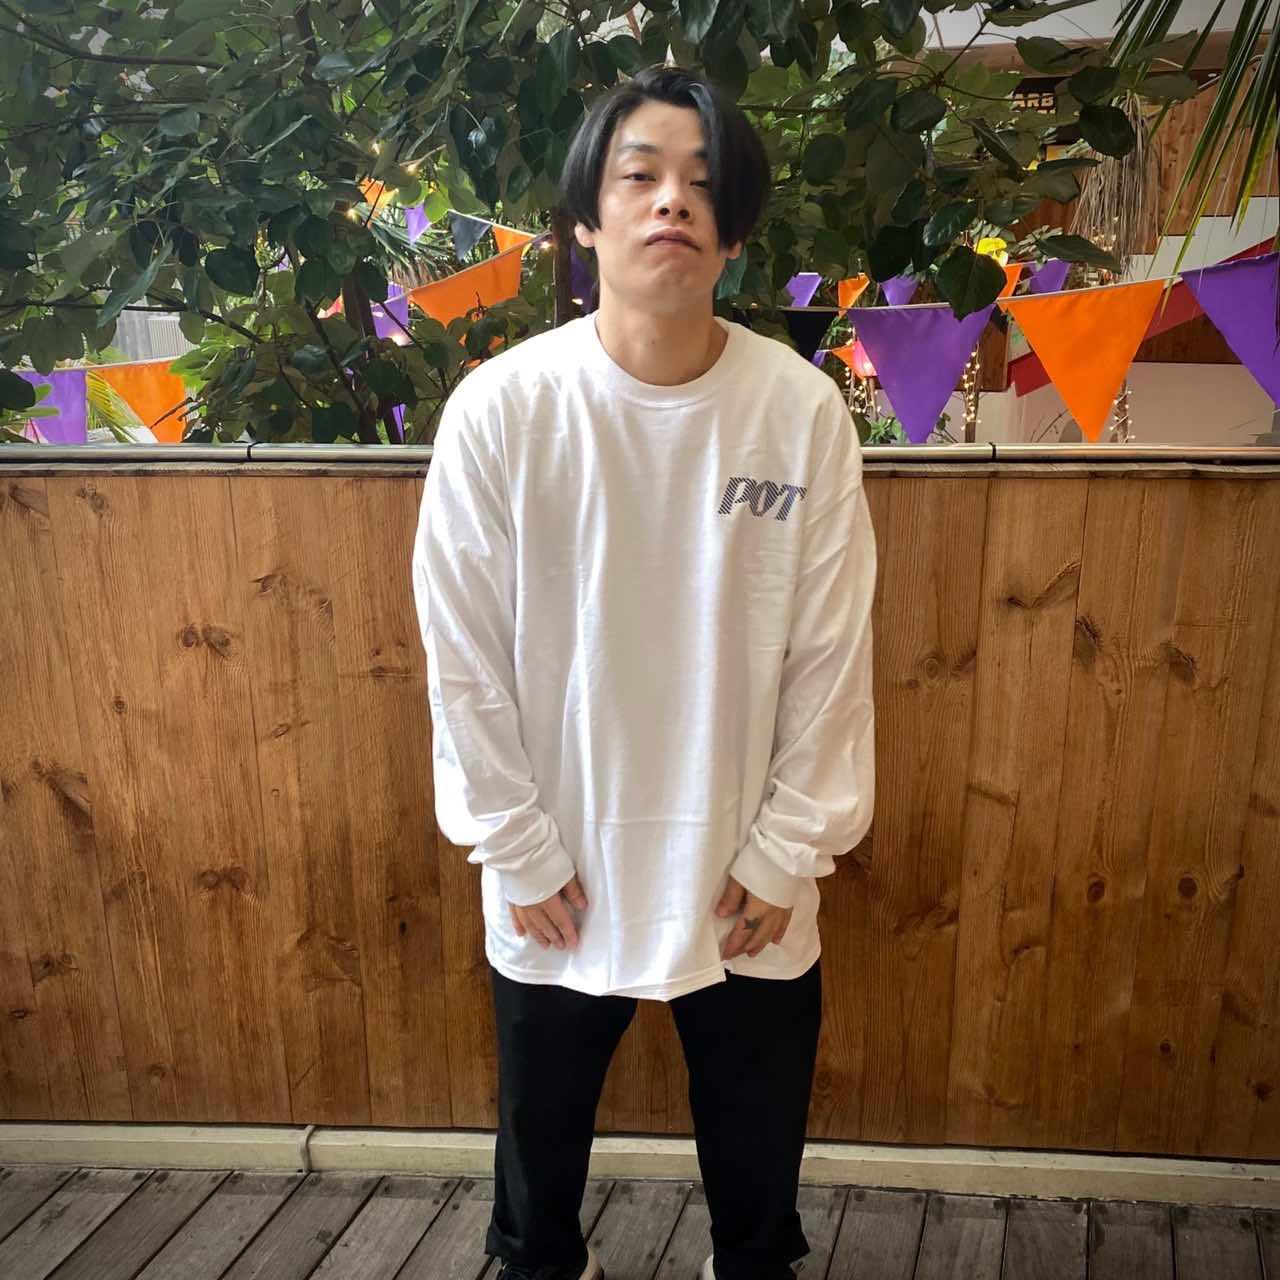 POT CREW L/S T-shirt